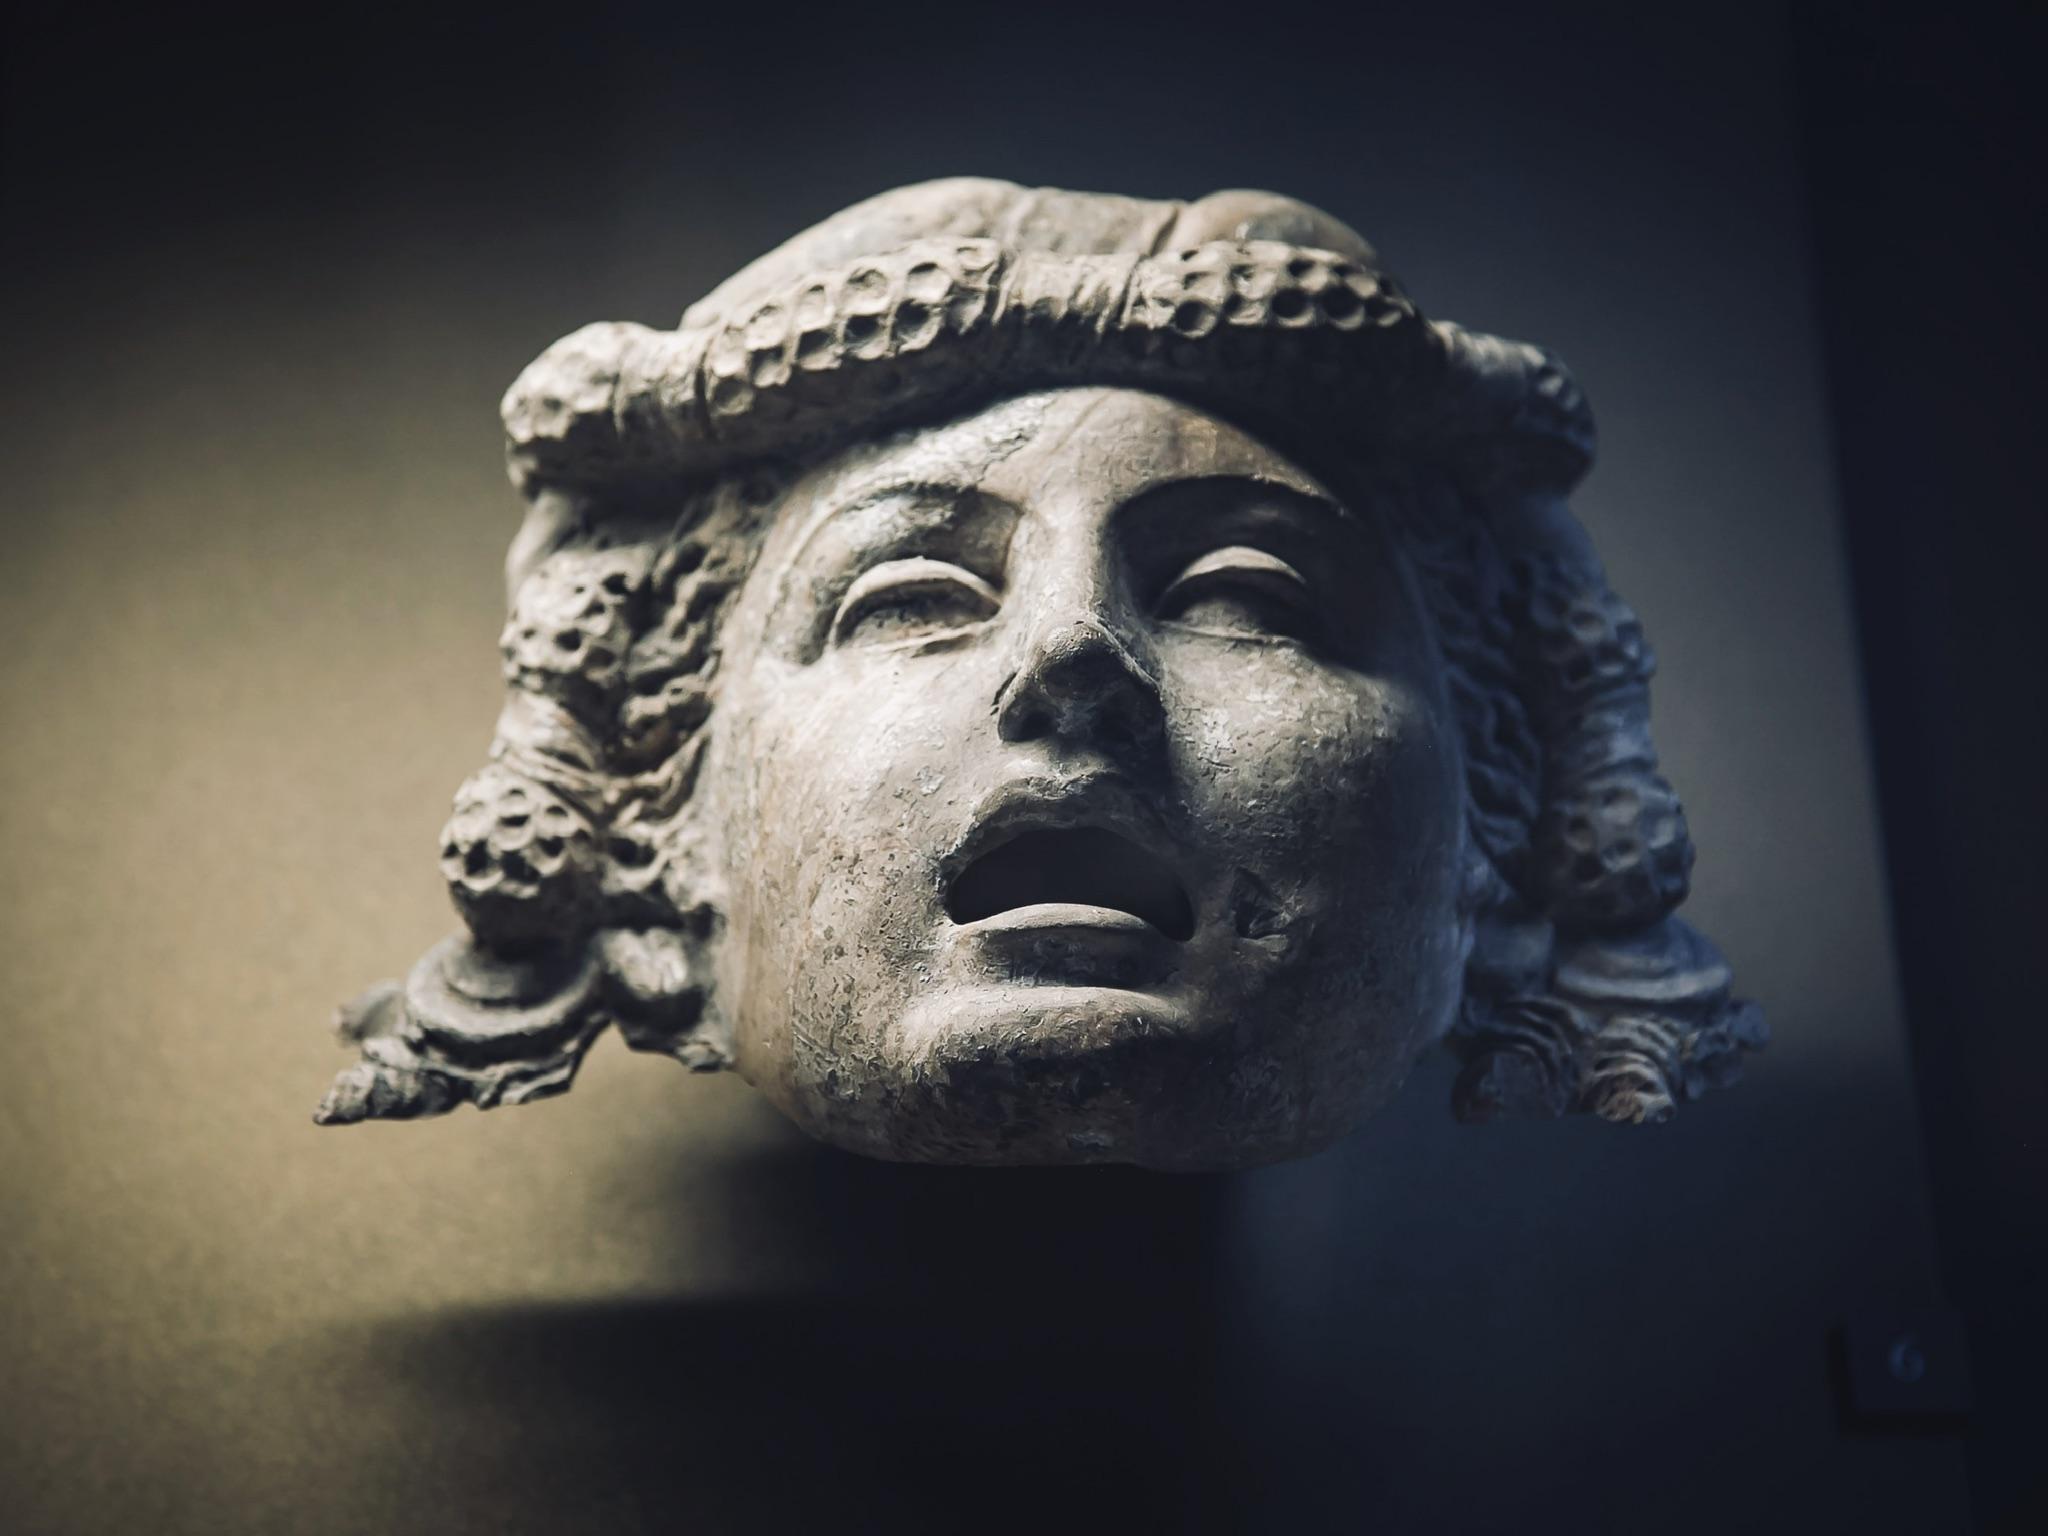 Female head statue, Paris